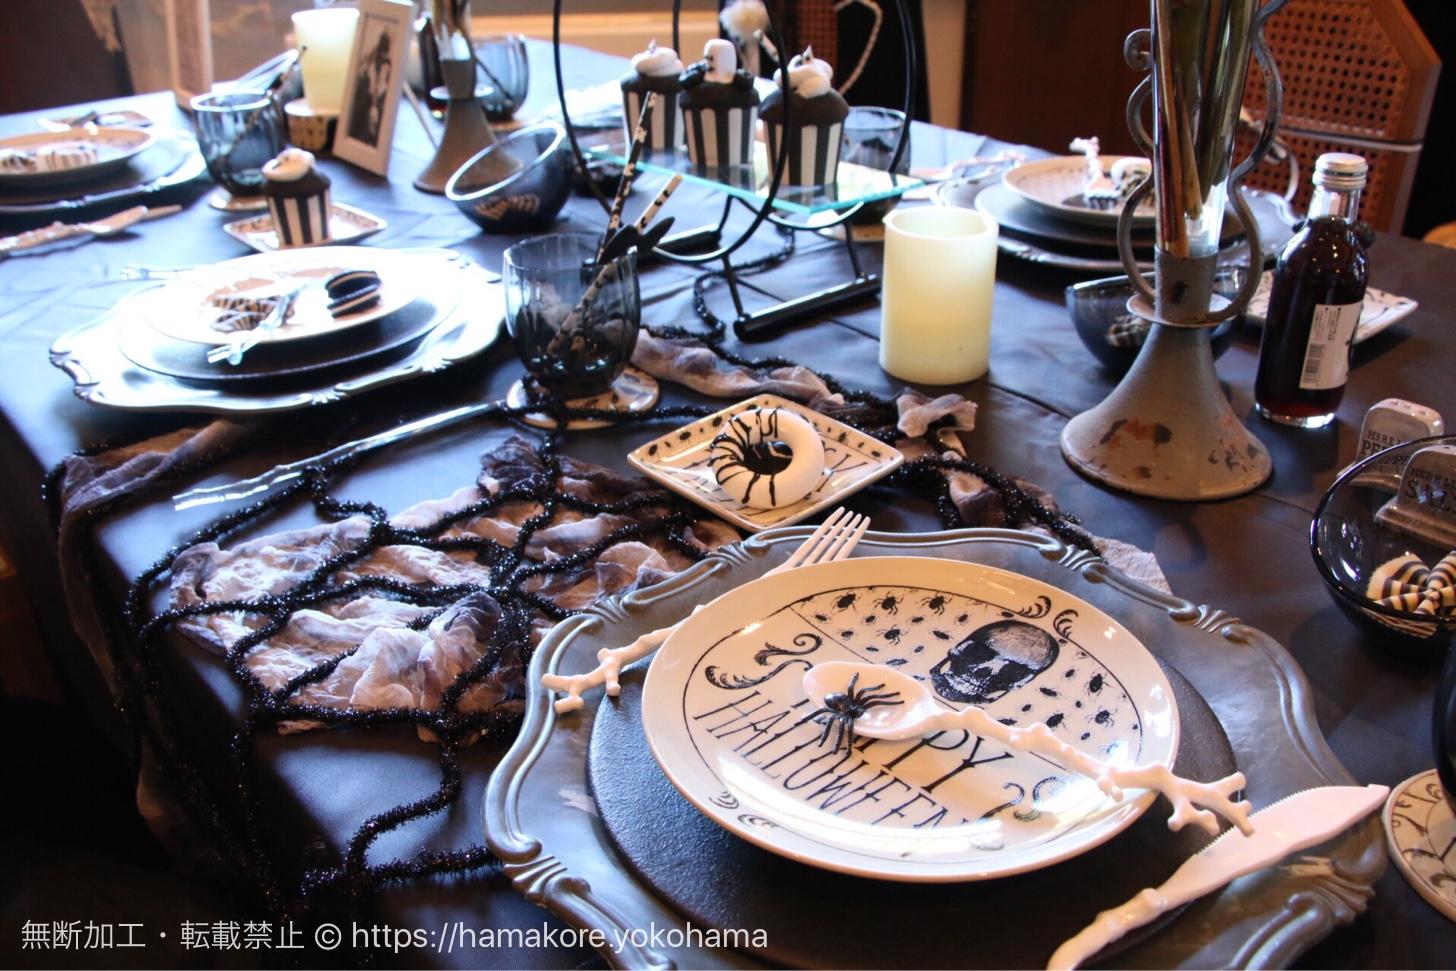 ハロウィン仕様の横浜・山手西洋館めぐりのコースを紹介!入場無料でハロウィンの世界へ